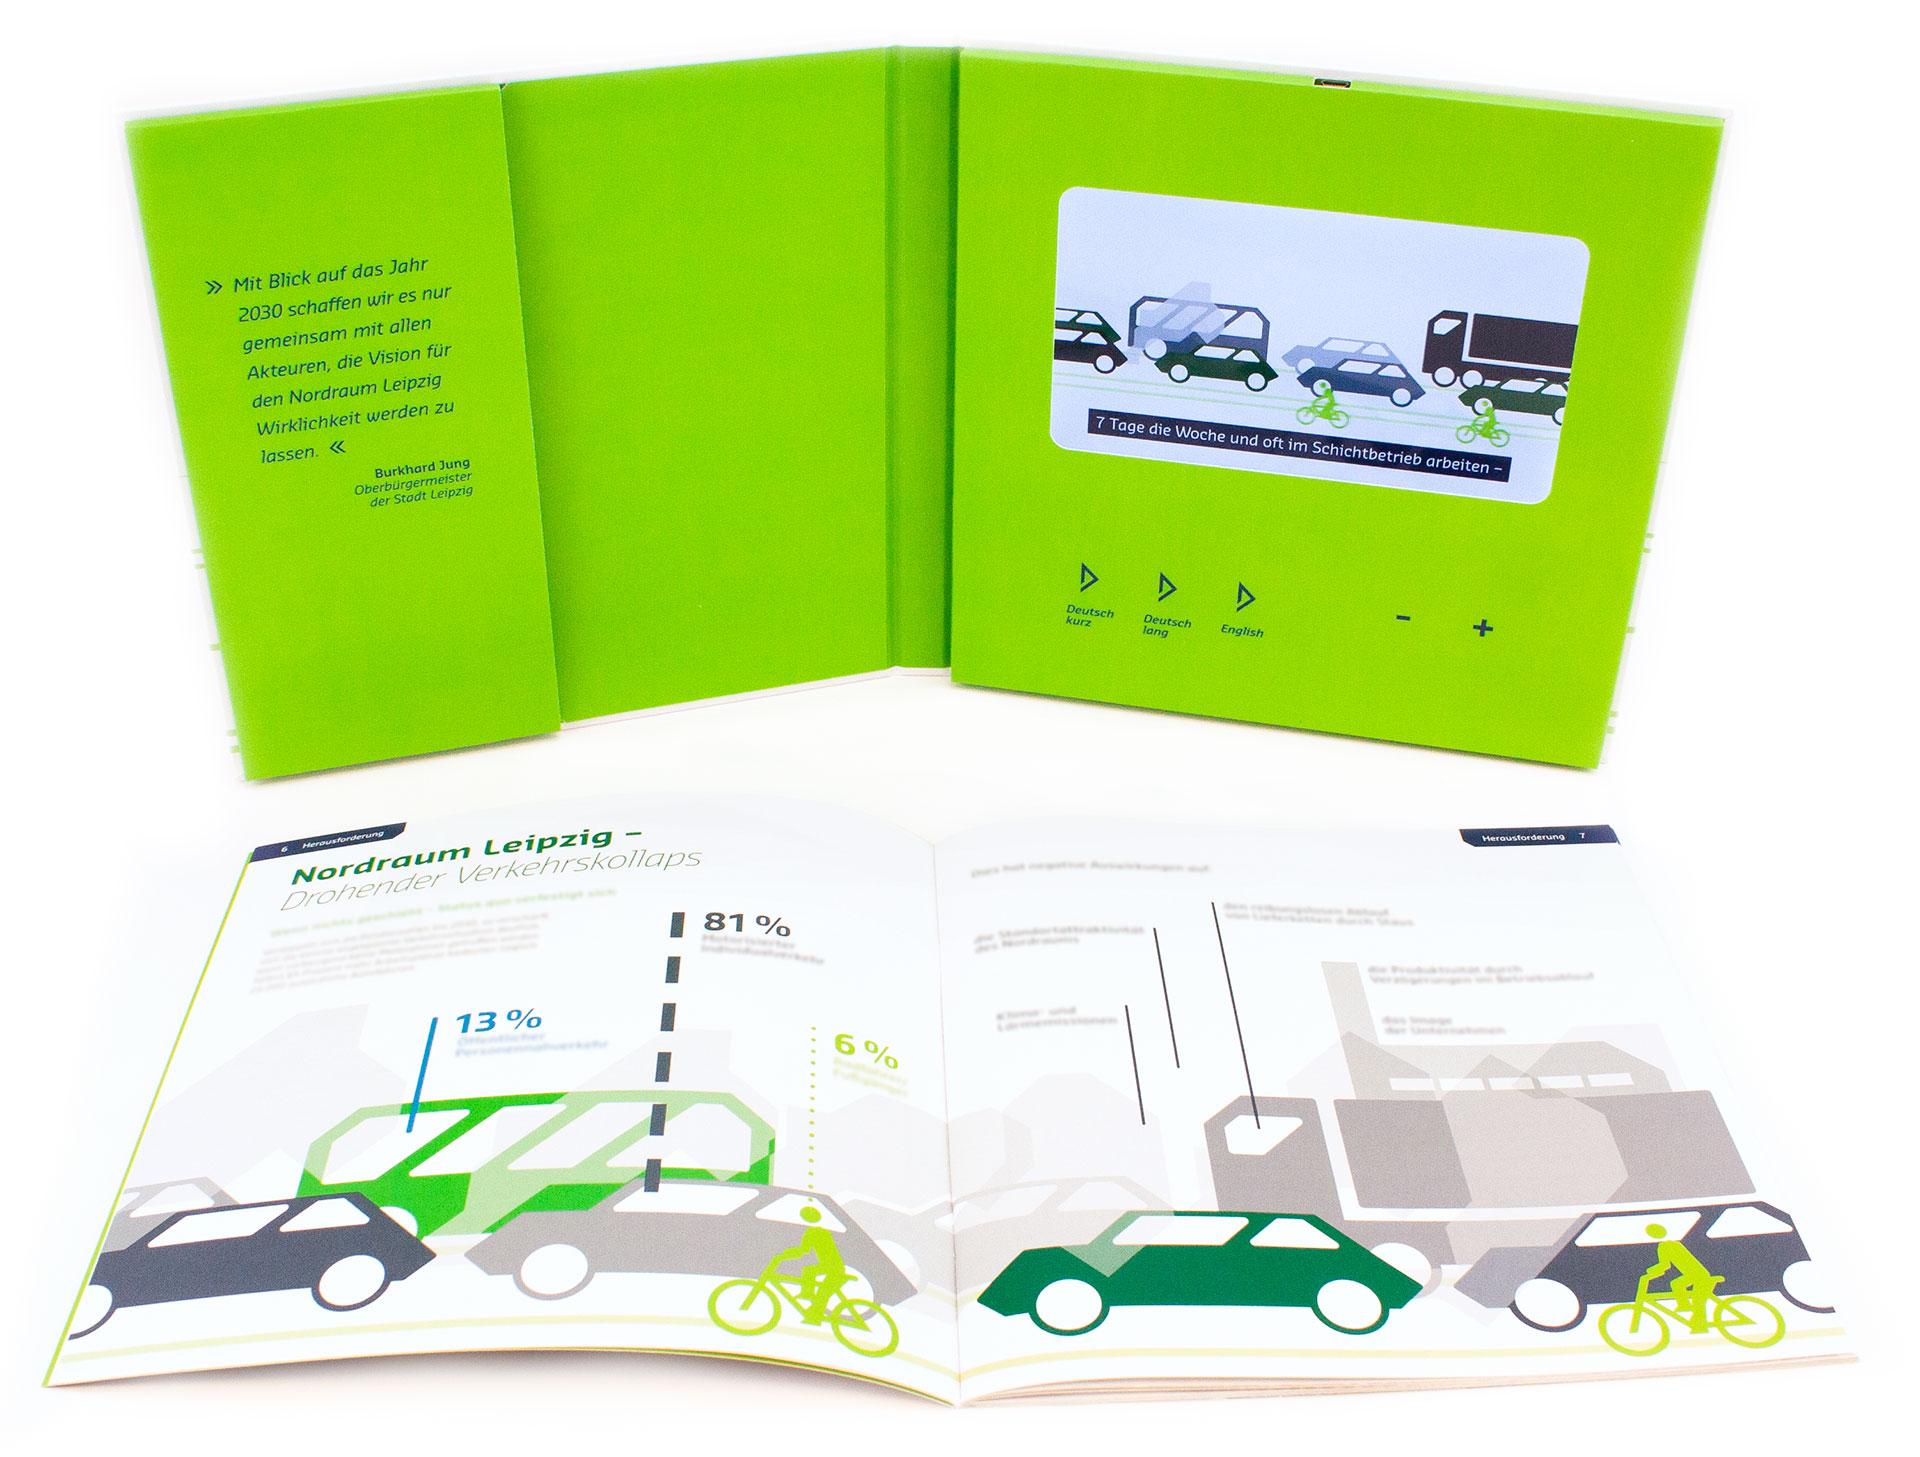 Videokartonage aufgeklappt mit herausgenommener Broschüre